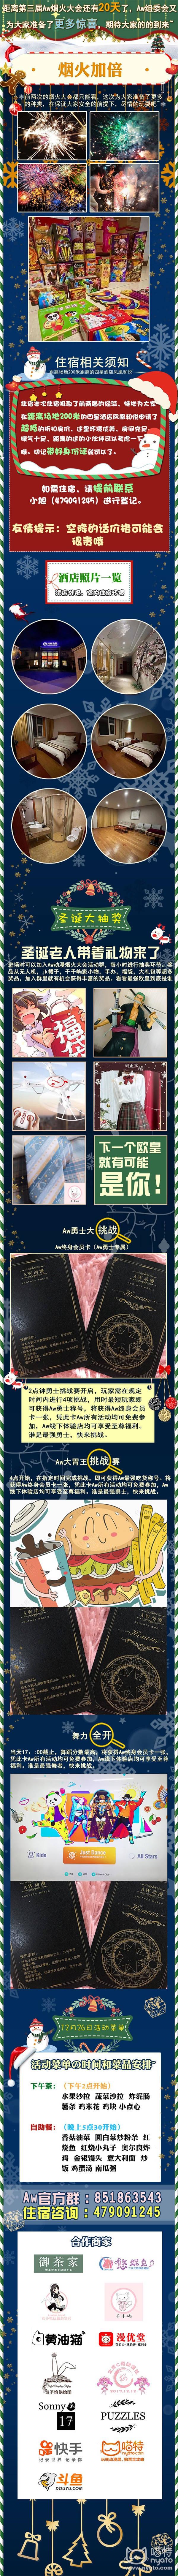 AW二宣宣传图(没有**).jpg